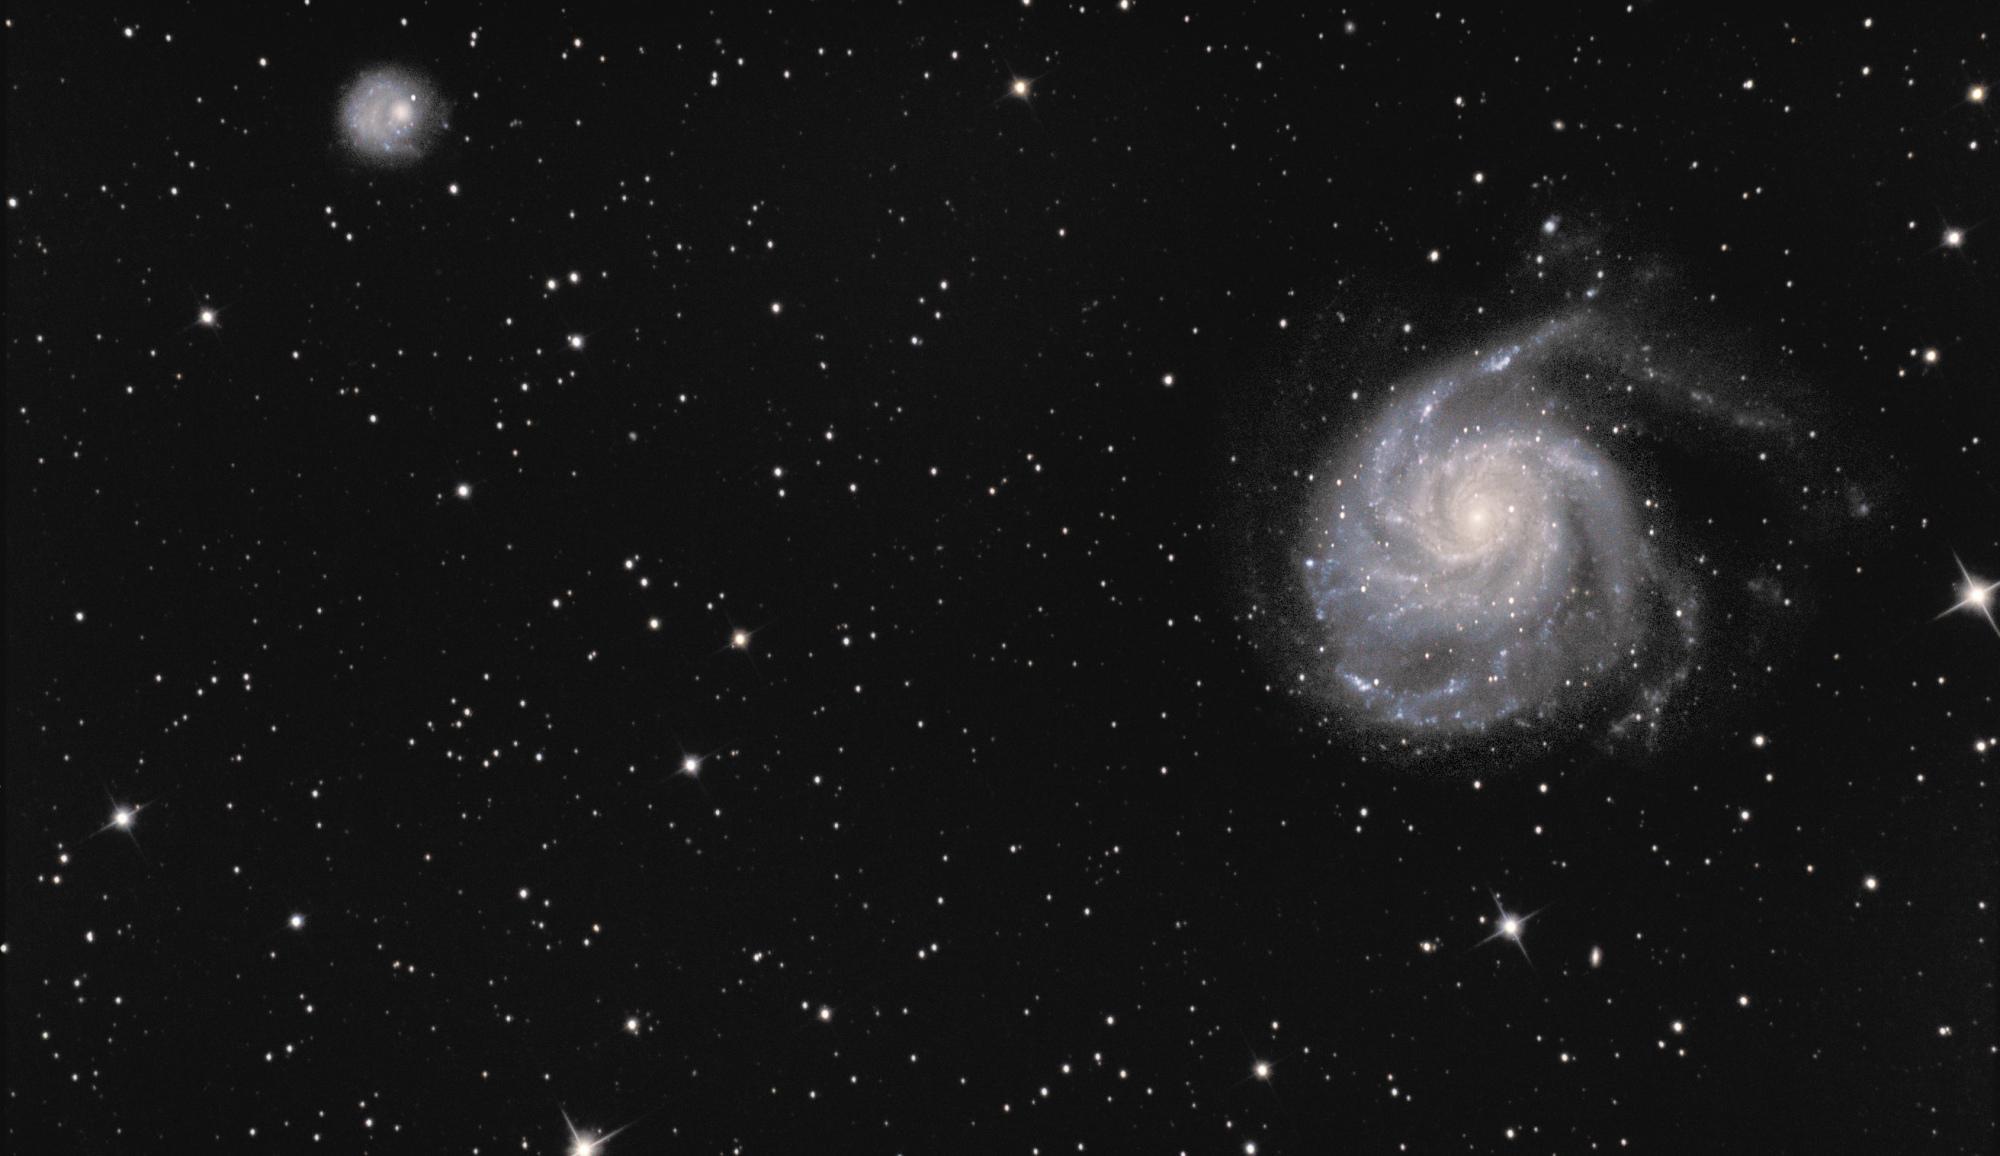 a11-M101.thumb.jpg.580501e70a017d274e8101124e4ab908.jpg